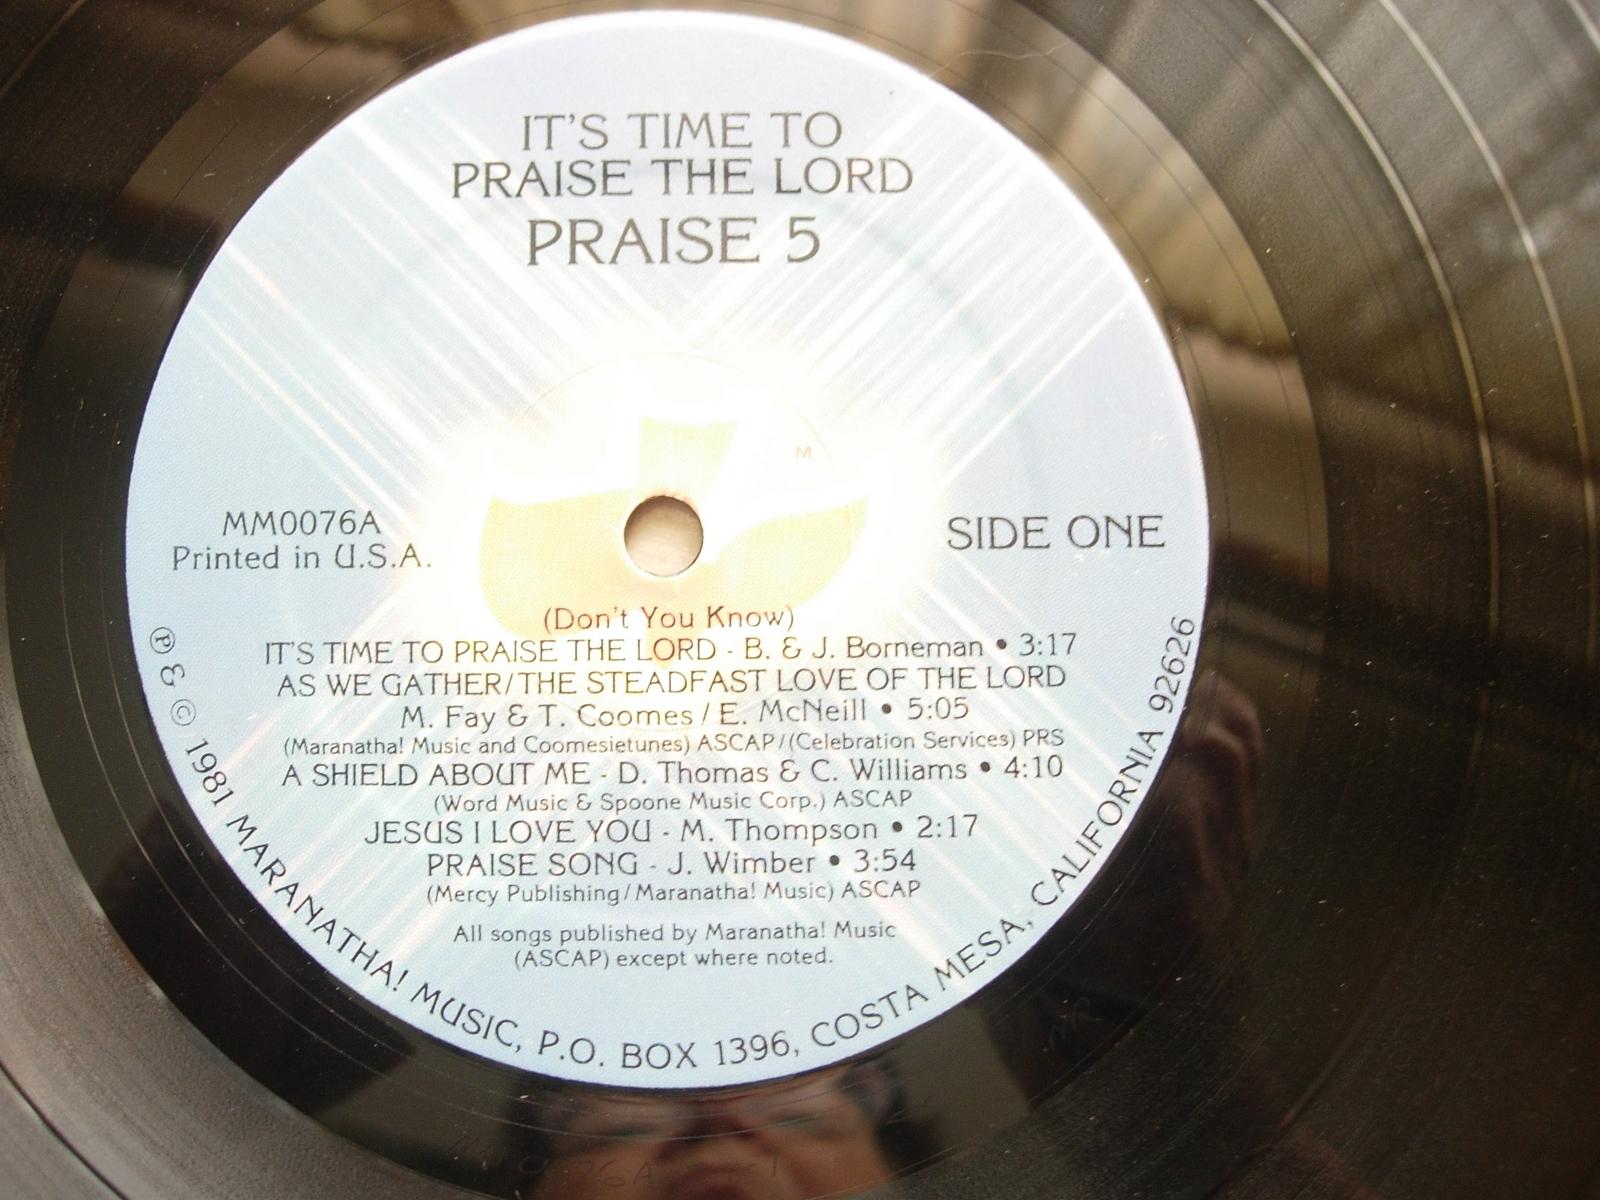 The Gift of Praise 2 LP Boxed Set PLUS Praise 5 - Maranatha Music MM0046A